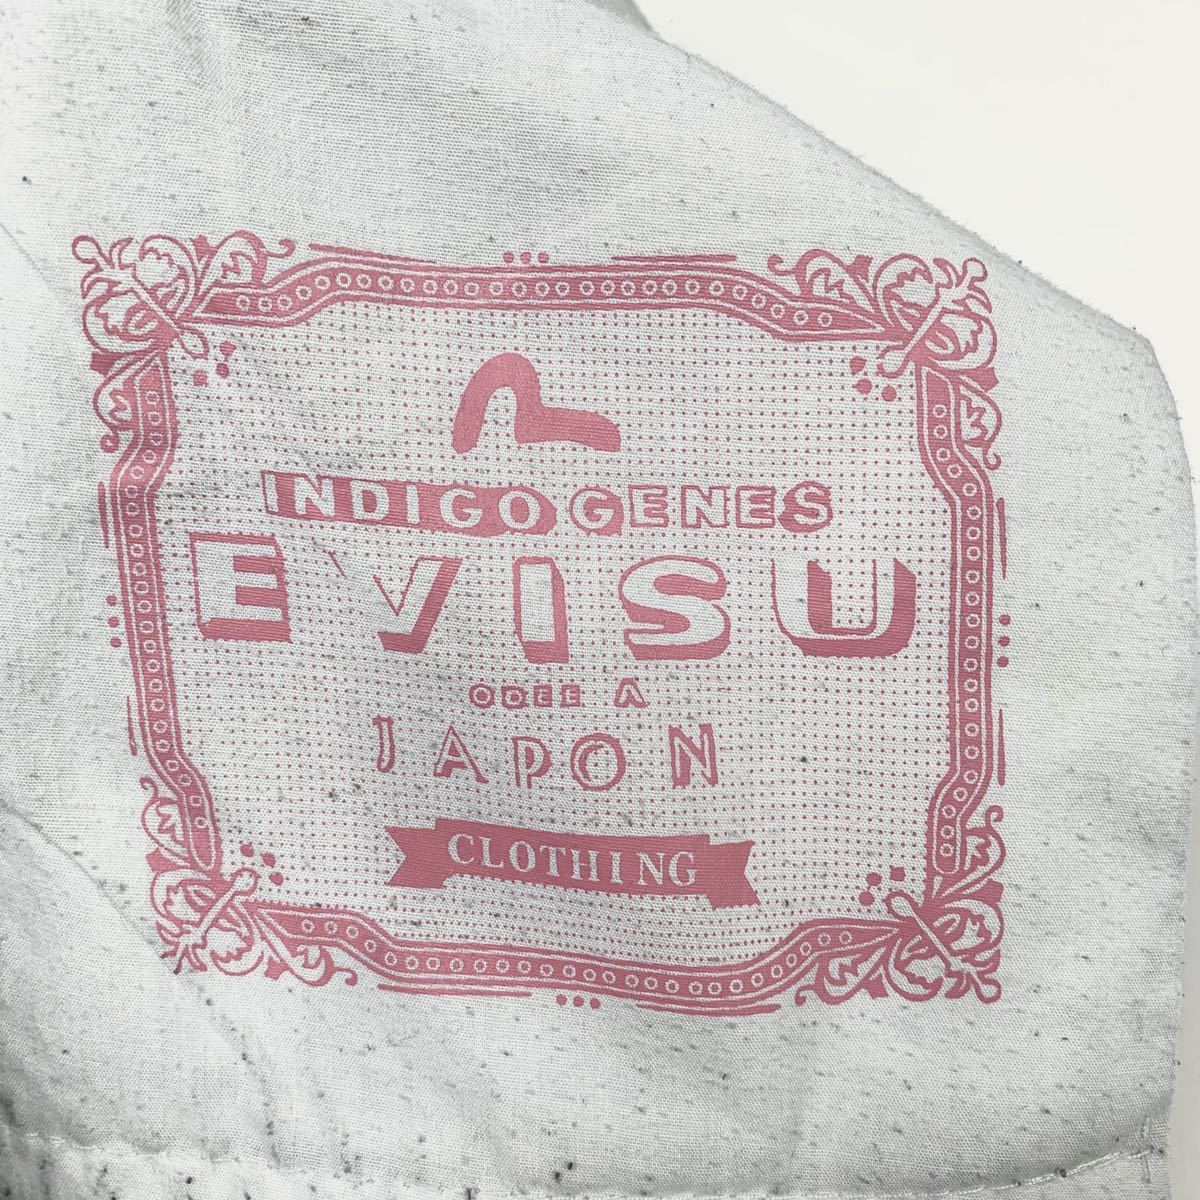 EVISU HERITAGE W30 デニム パンツ ジーンズ エヴィス ヘリテイジ セルビッチ ペンキ ペイント